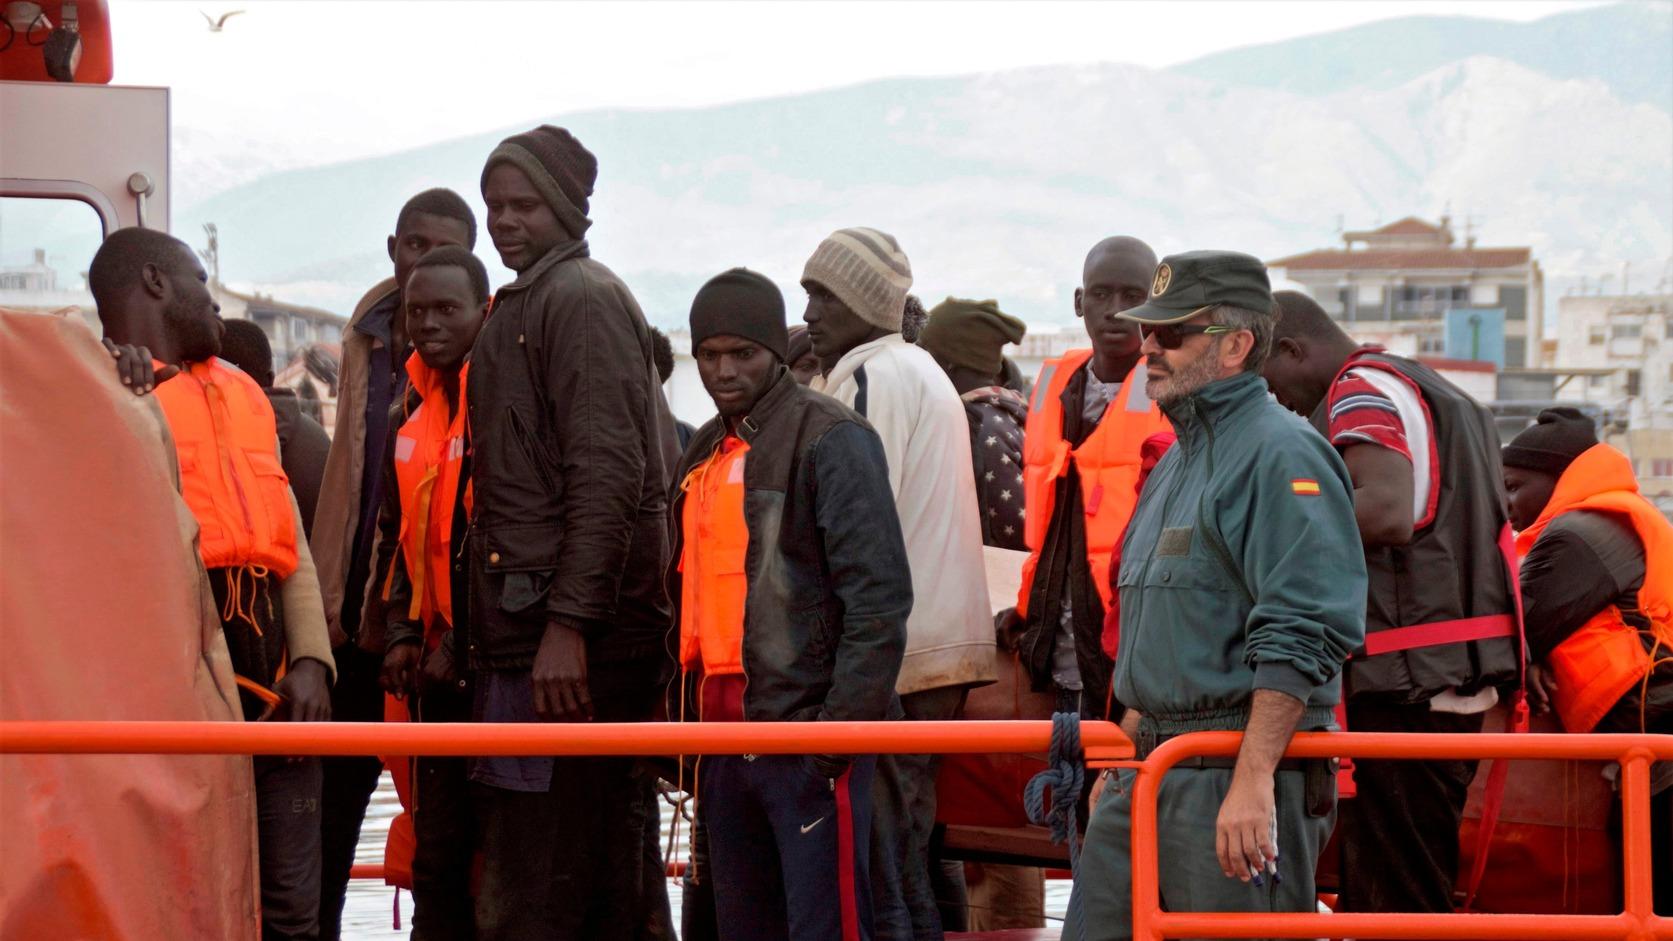 Motril, 2018. május 9. Afrikai migránsok érkeznek a Granada délspanyol tartománybeli Motril kikötőjébe 2018. május 8-án. Az andalúziai partok felé egy kisebb bárkával igyekvő 56 illegális bevándorlót a spanyol tengeri mentőszolgálat vette a hajójára a Földközi-tengeren. (MTI/EPA/Alba Feixas)